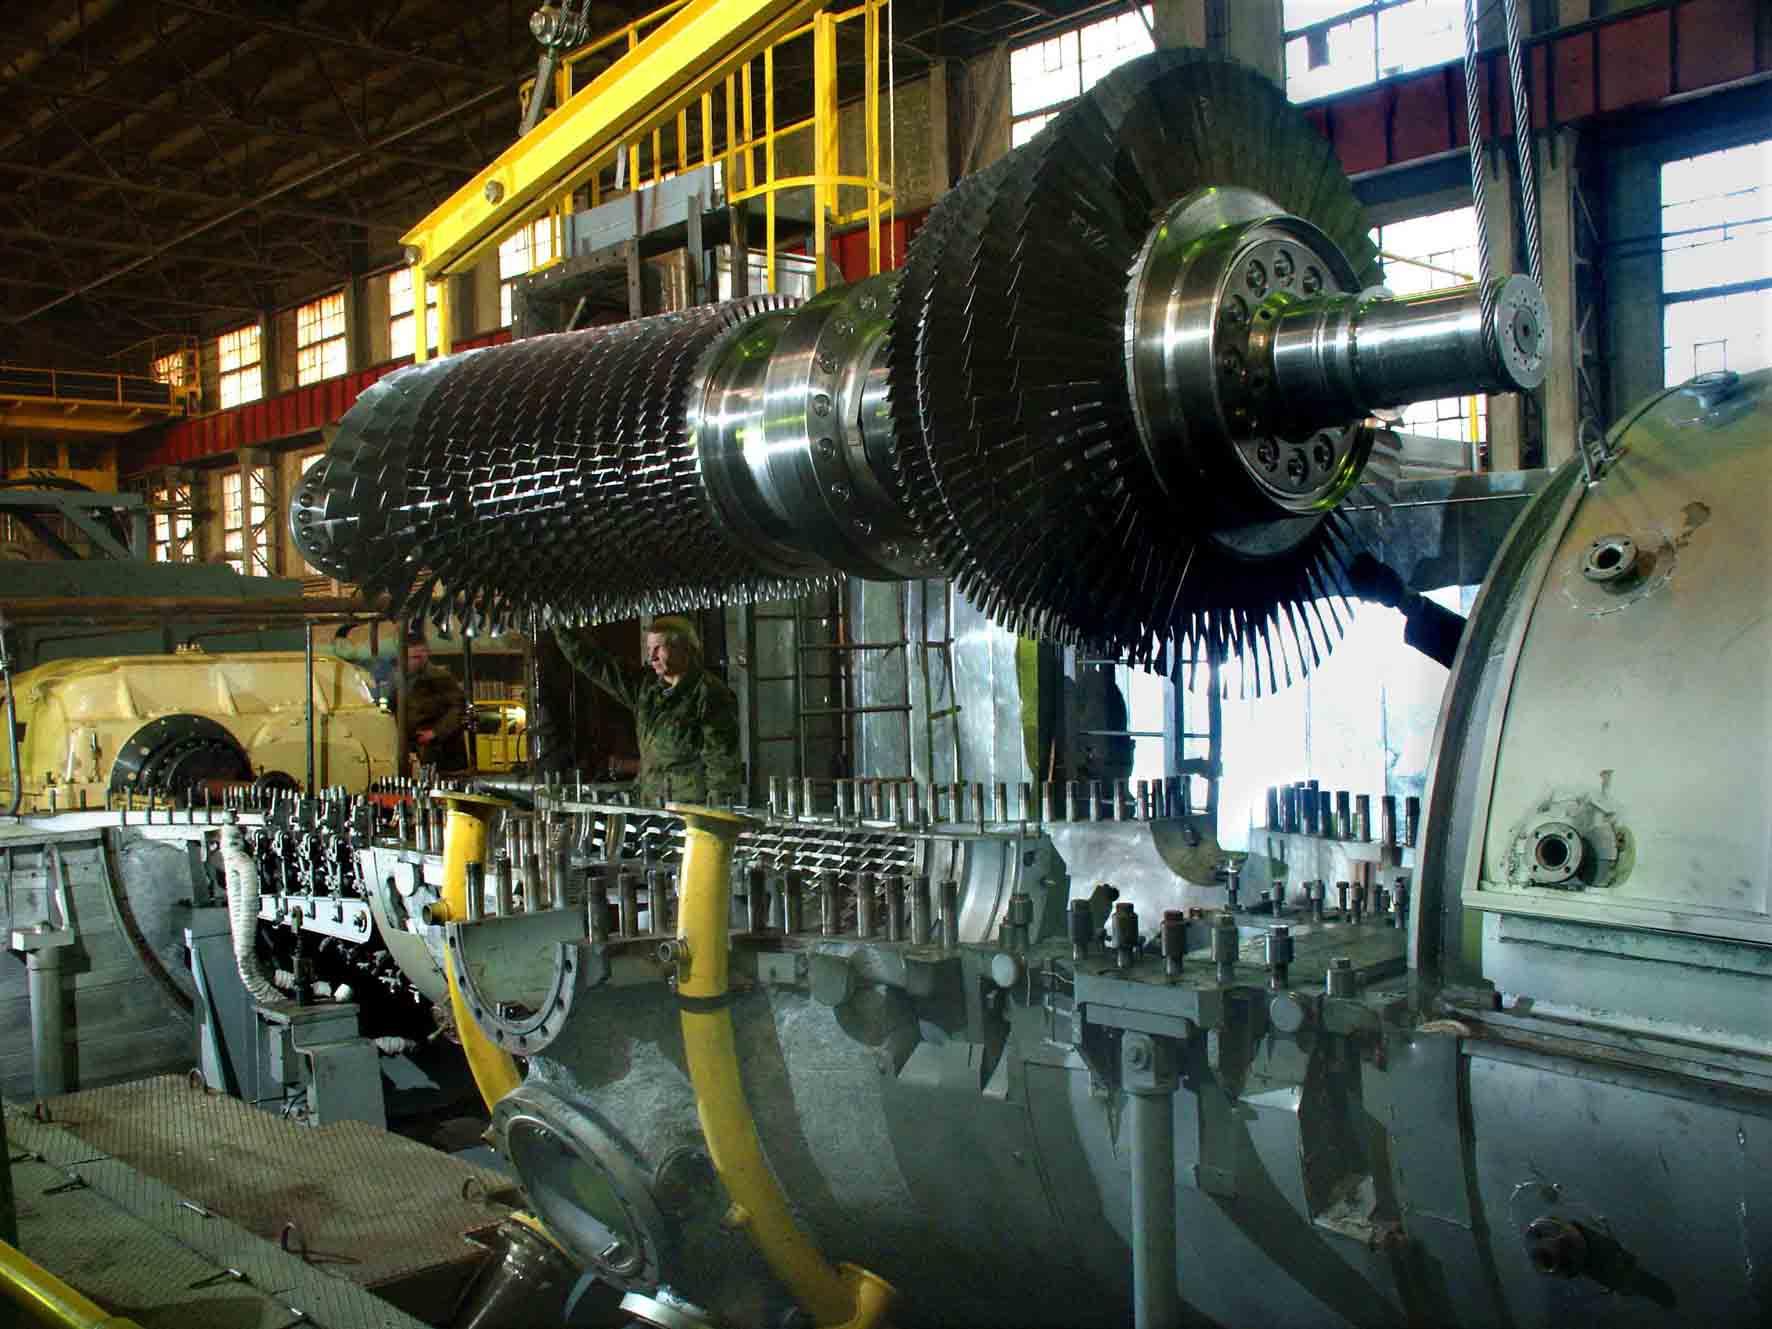 چشماندازی از تولیدکنندگان توربین گاز روسیه (بخش اول)